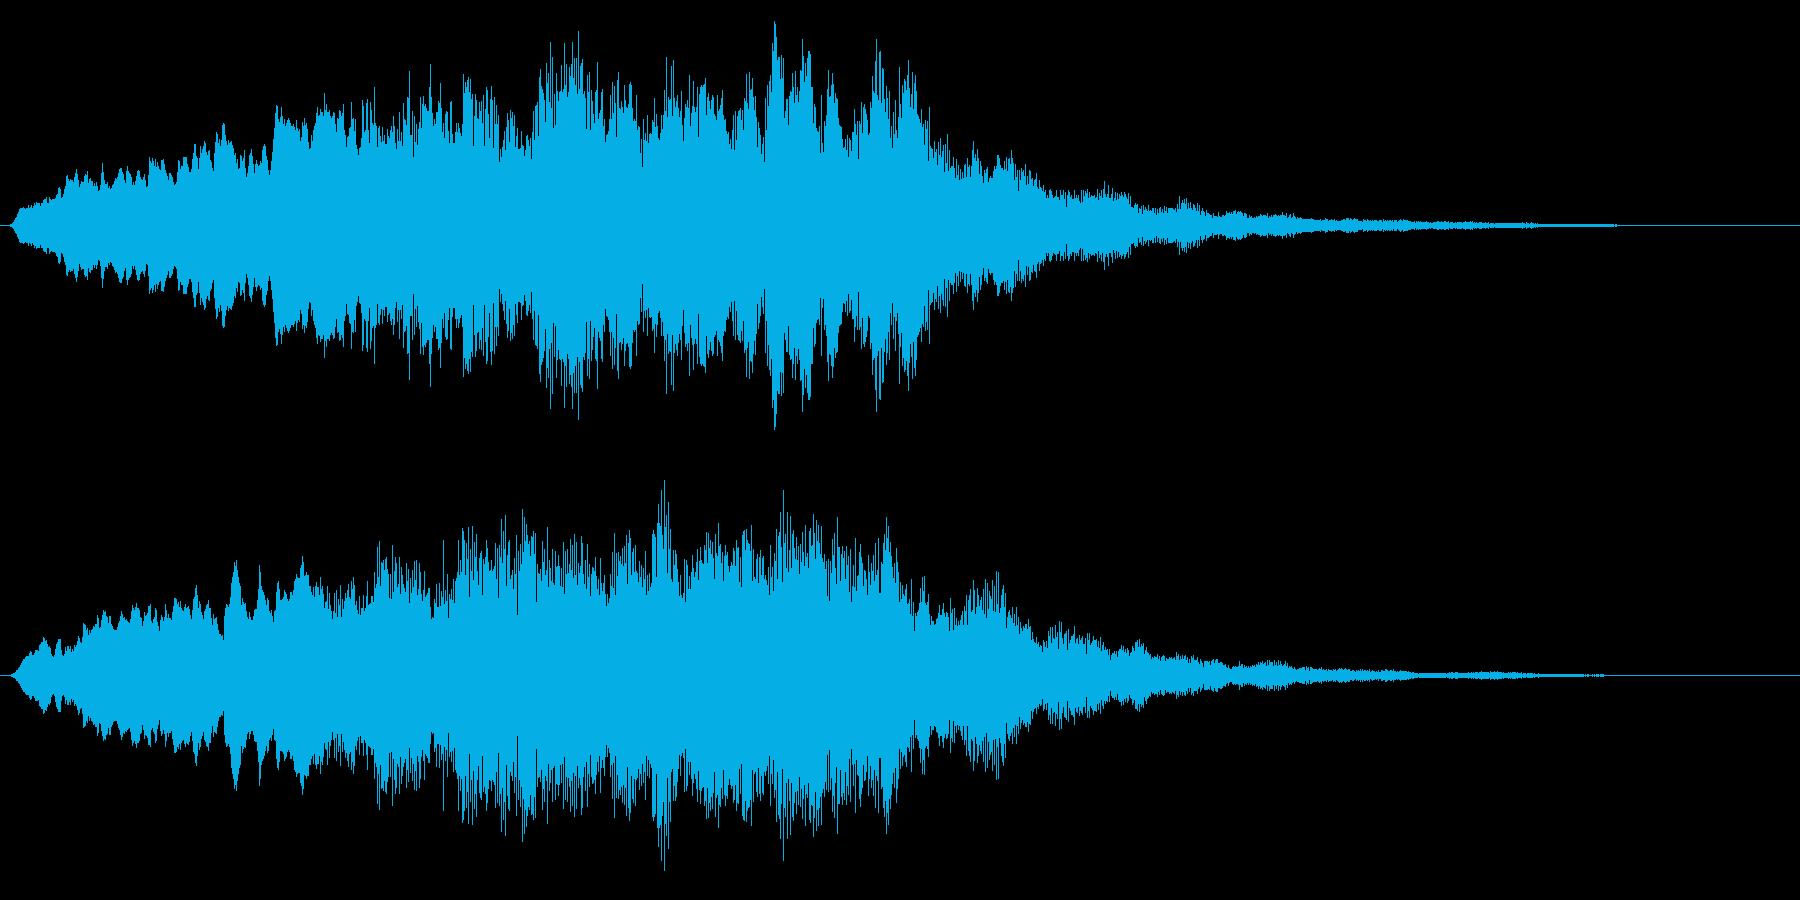 ホラーな音 恐怖を演出するストリングスの再生済みの波形